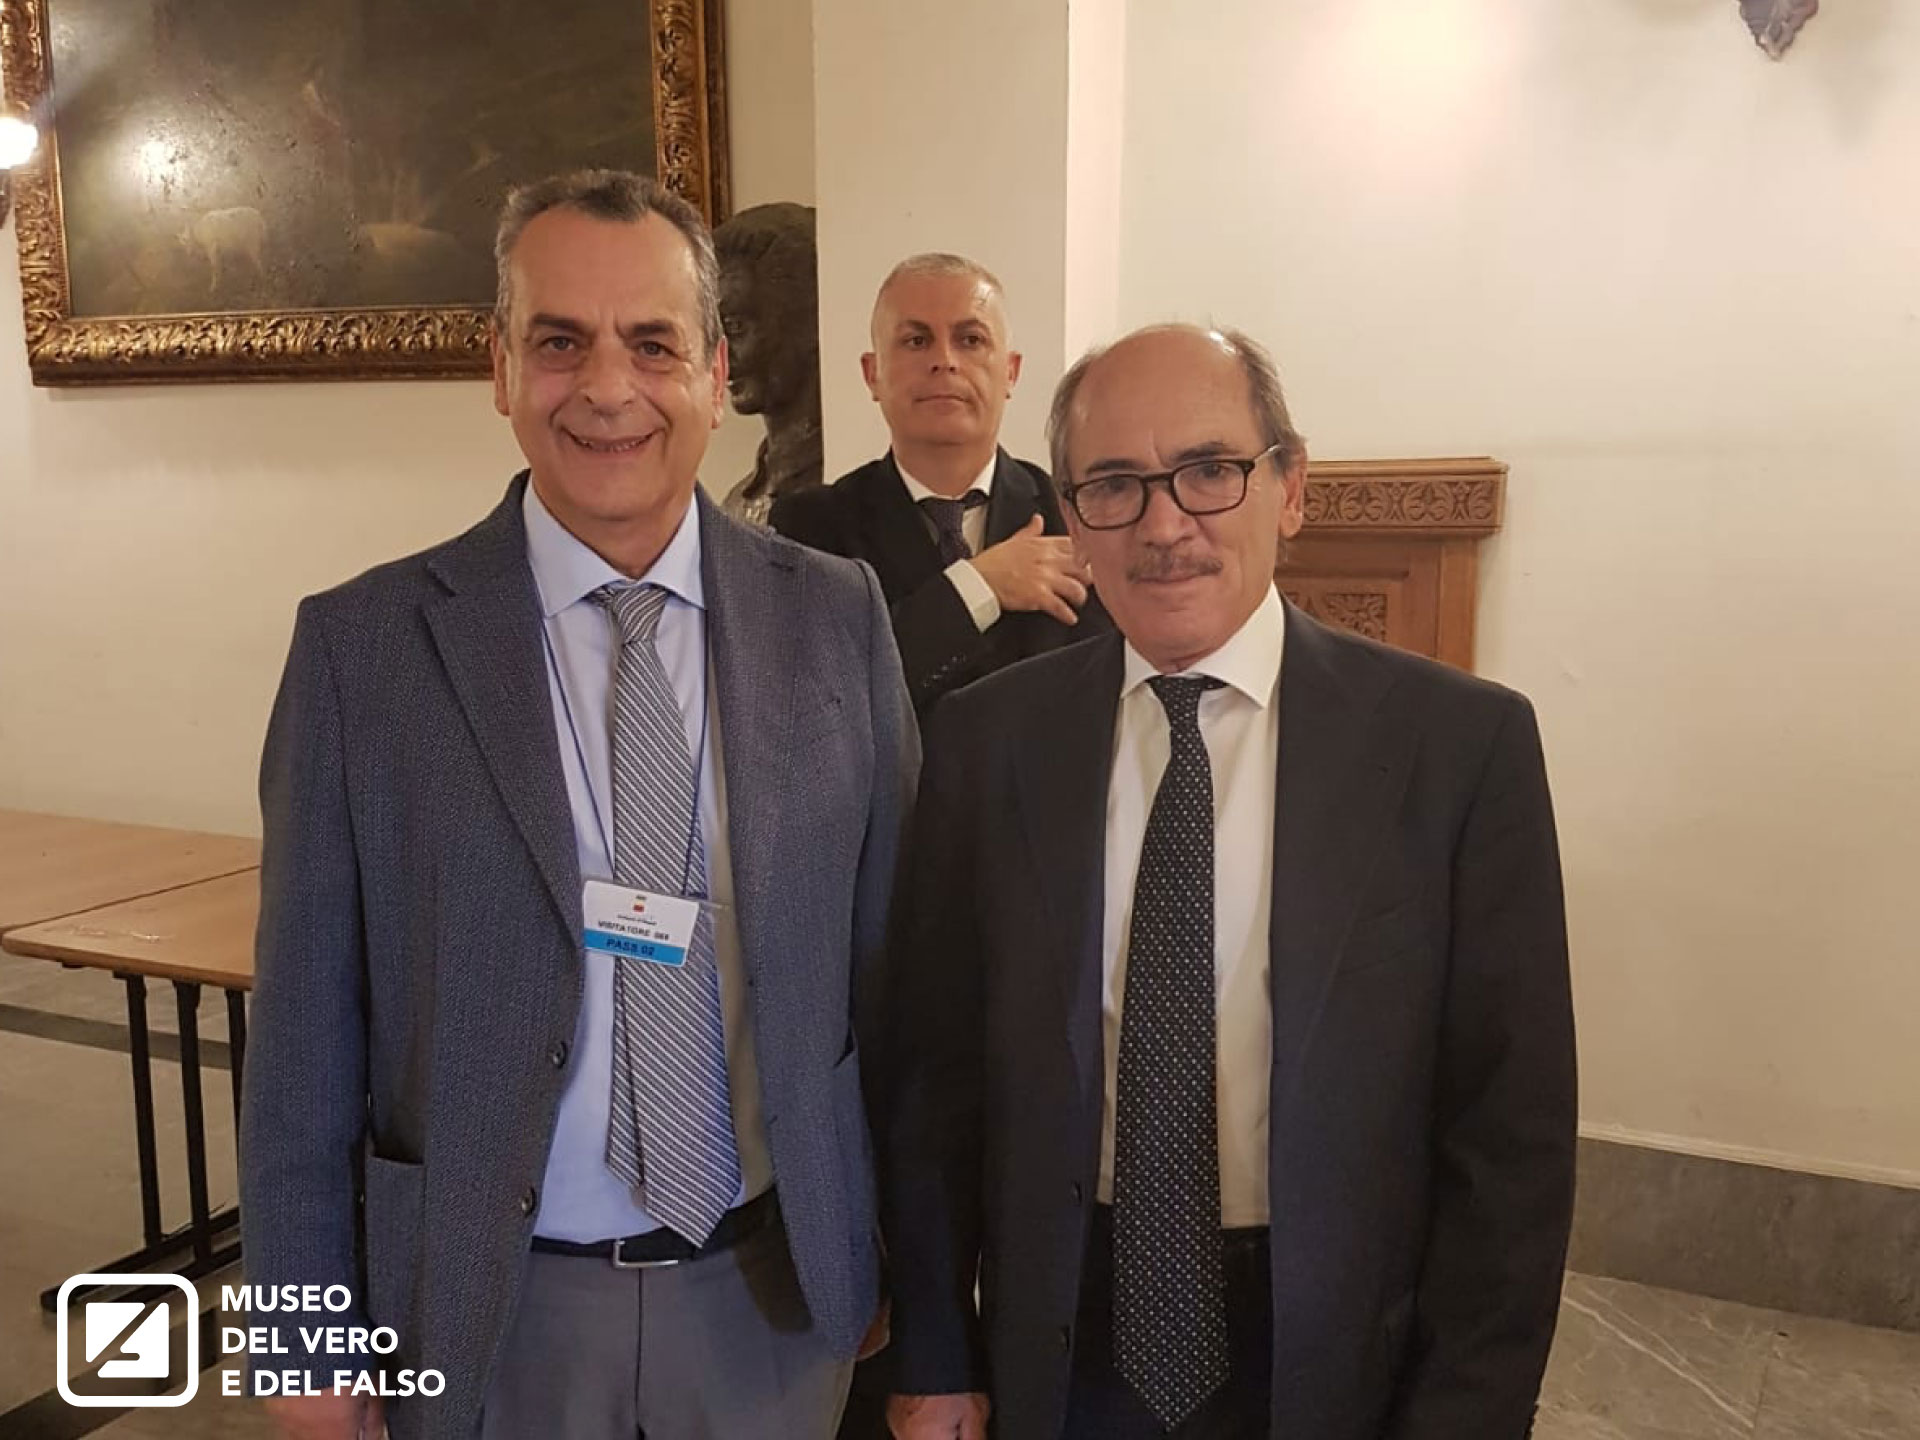 Premio Nazionale Amato Lamberti 2019